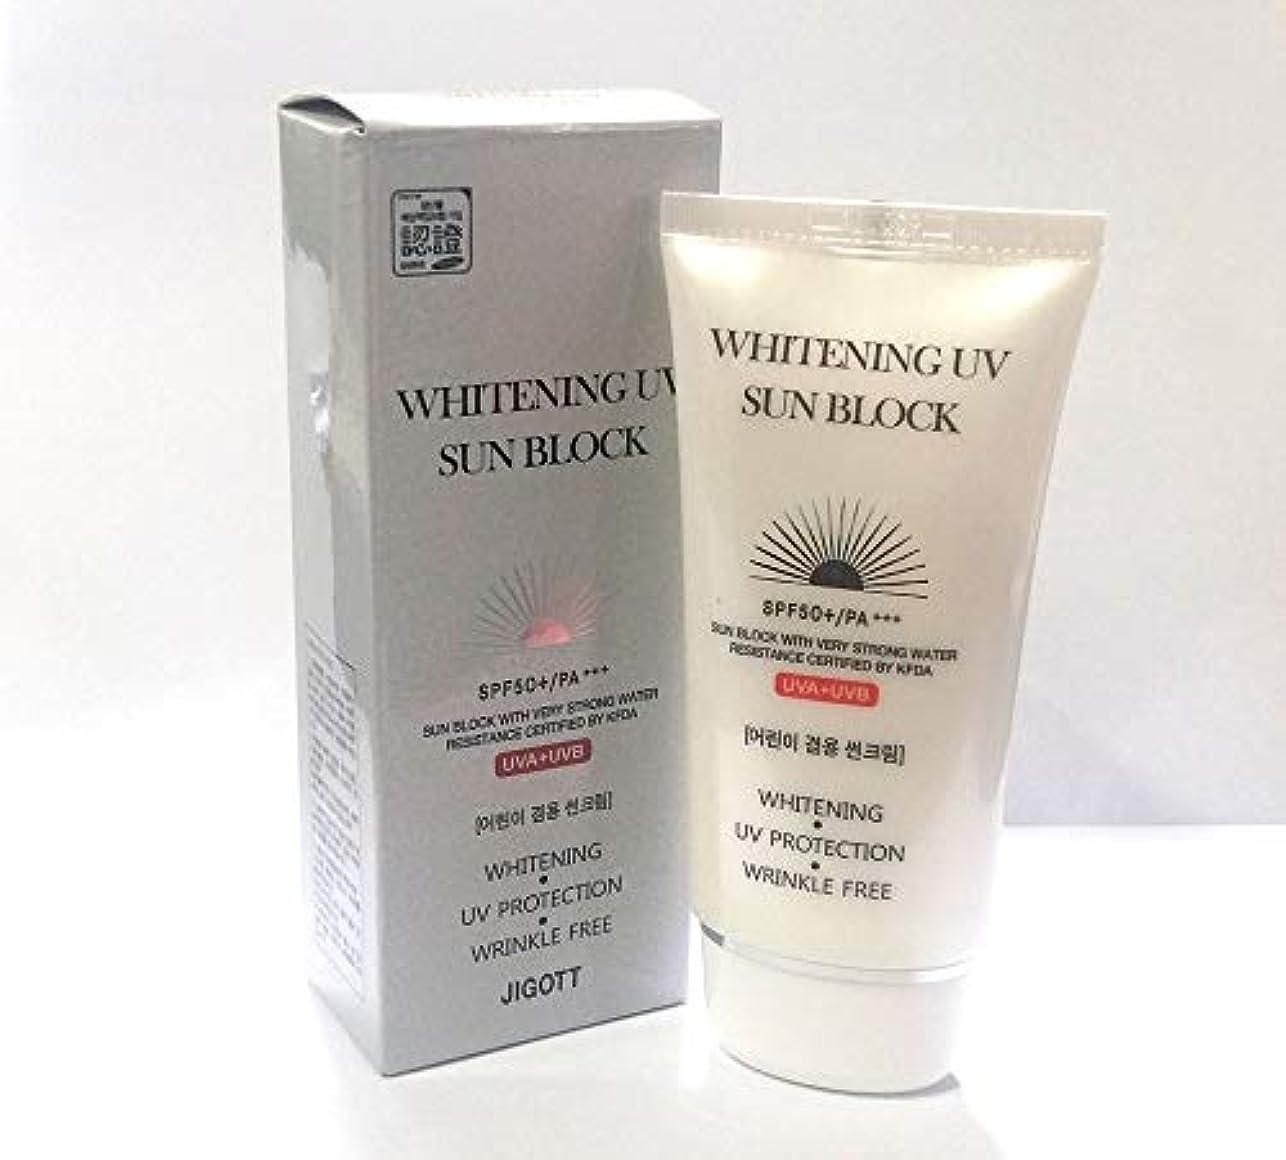 オセアニア孤独な知恵[JIGOTT] ホワイトニングUVプロテクトサンブロッククリームSPF50 + PA +++ / Whitening UV Protection Sun Block Cream SPF50+ PA +++ / 韓国化粧品/Korean Cosmetics (3EA) [並行輸入品]